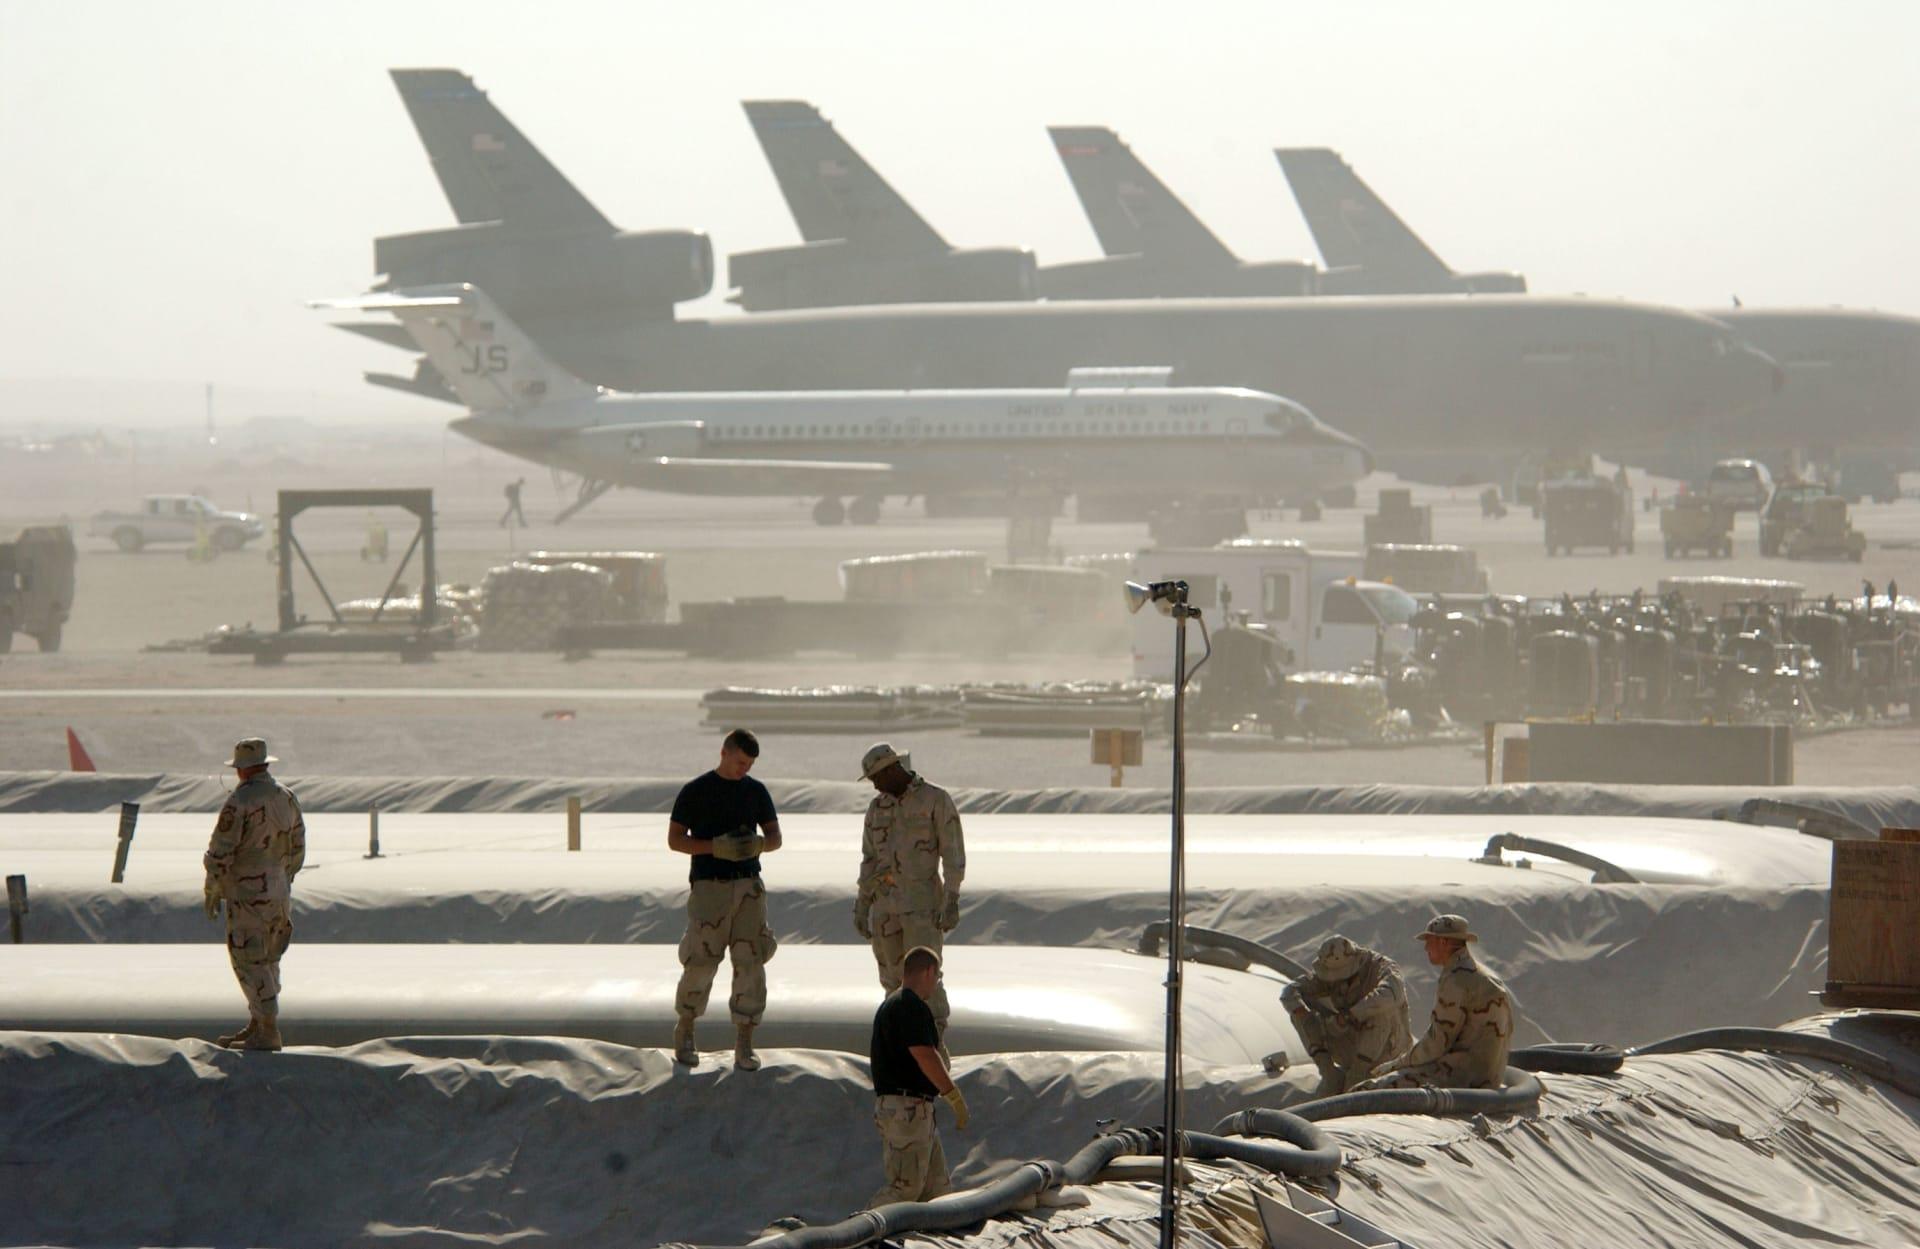 مسؤولون لـCNN: حالة تأهب عالية في قاعدتين تضمان قوات أمريكية في الخليج